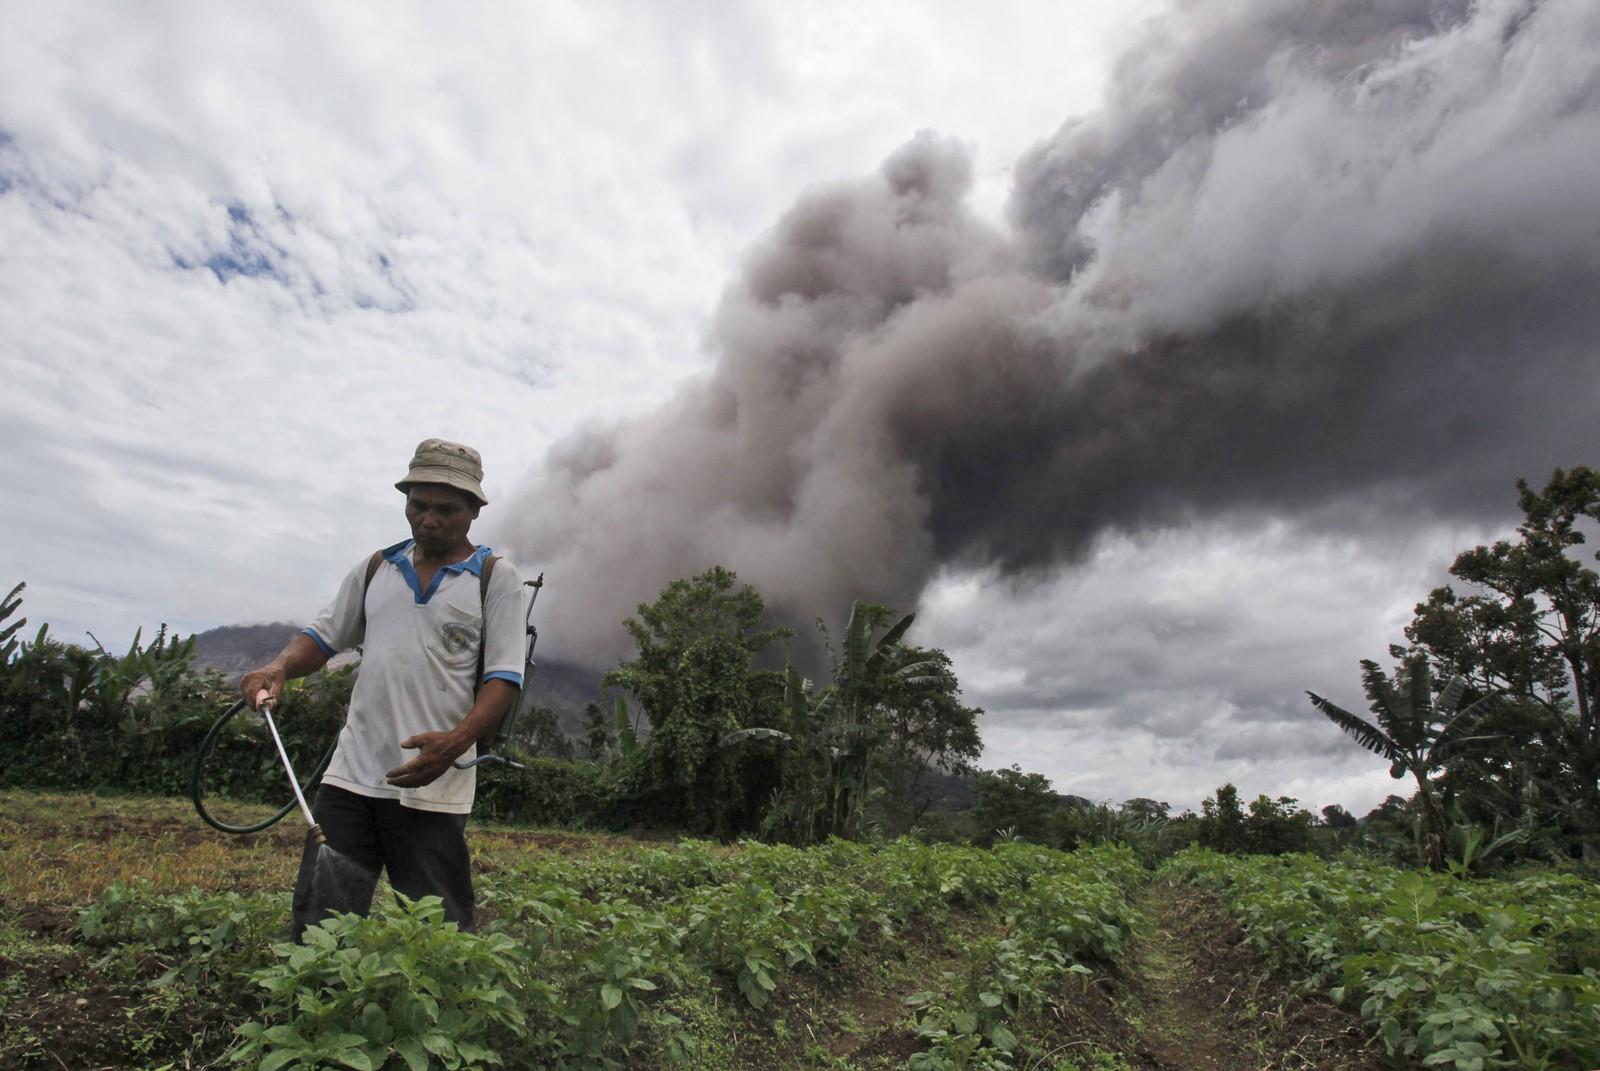 Yakti Sitepu, en lokal bonde, passer potetåkeren sin, mens asken flyr i luften ved Sinabung.